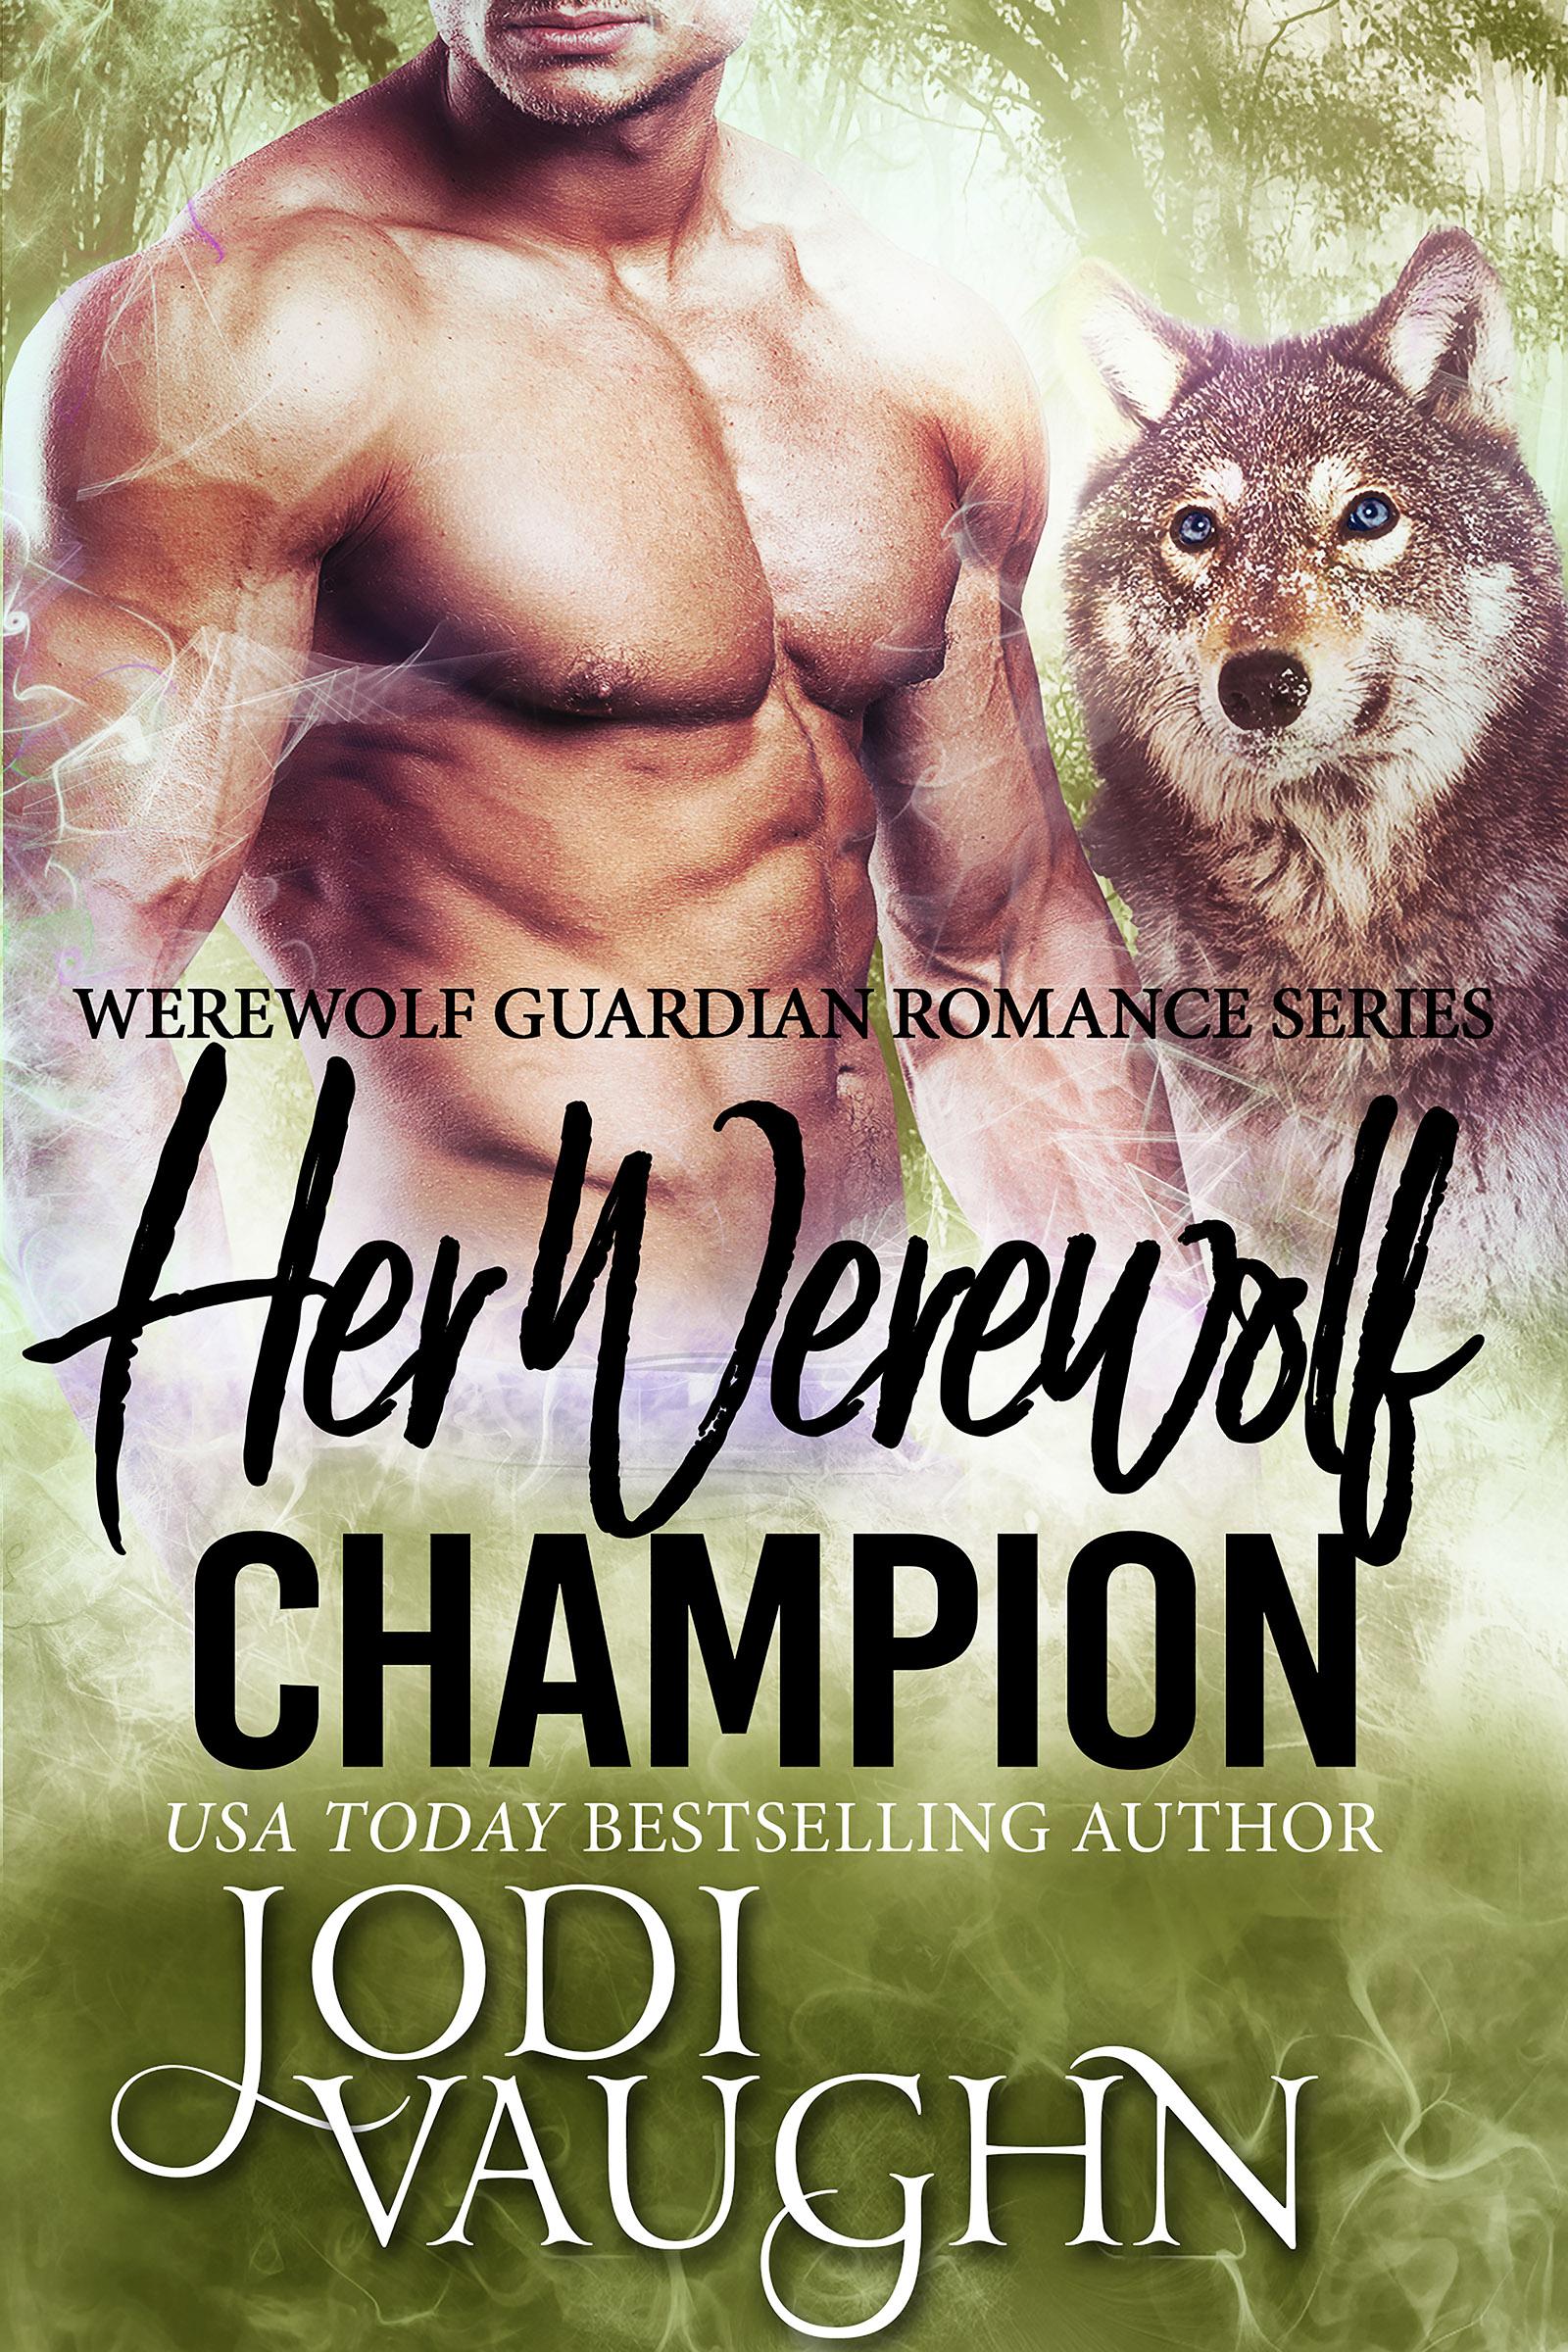 Her Werewolf Champion